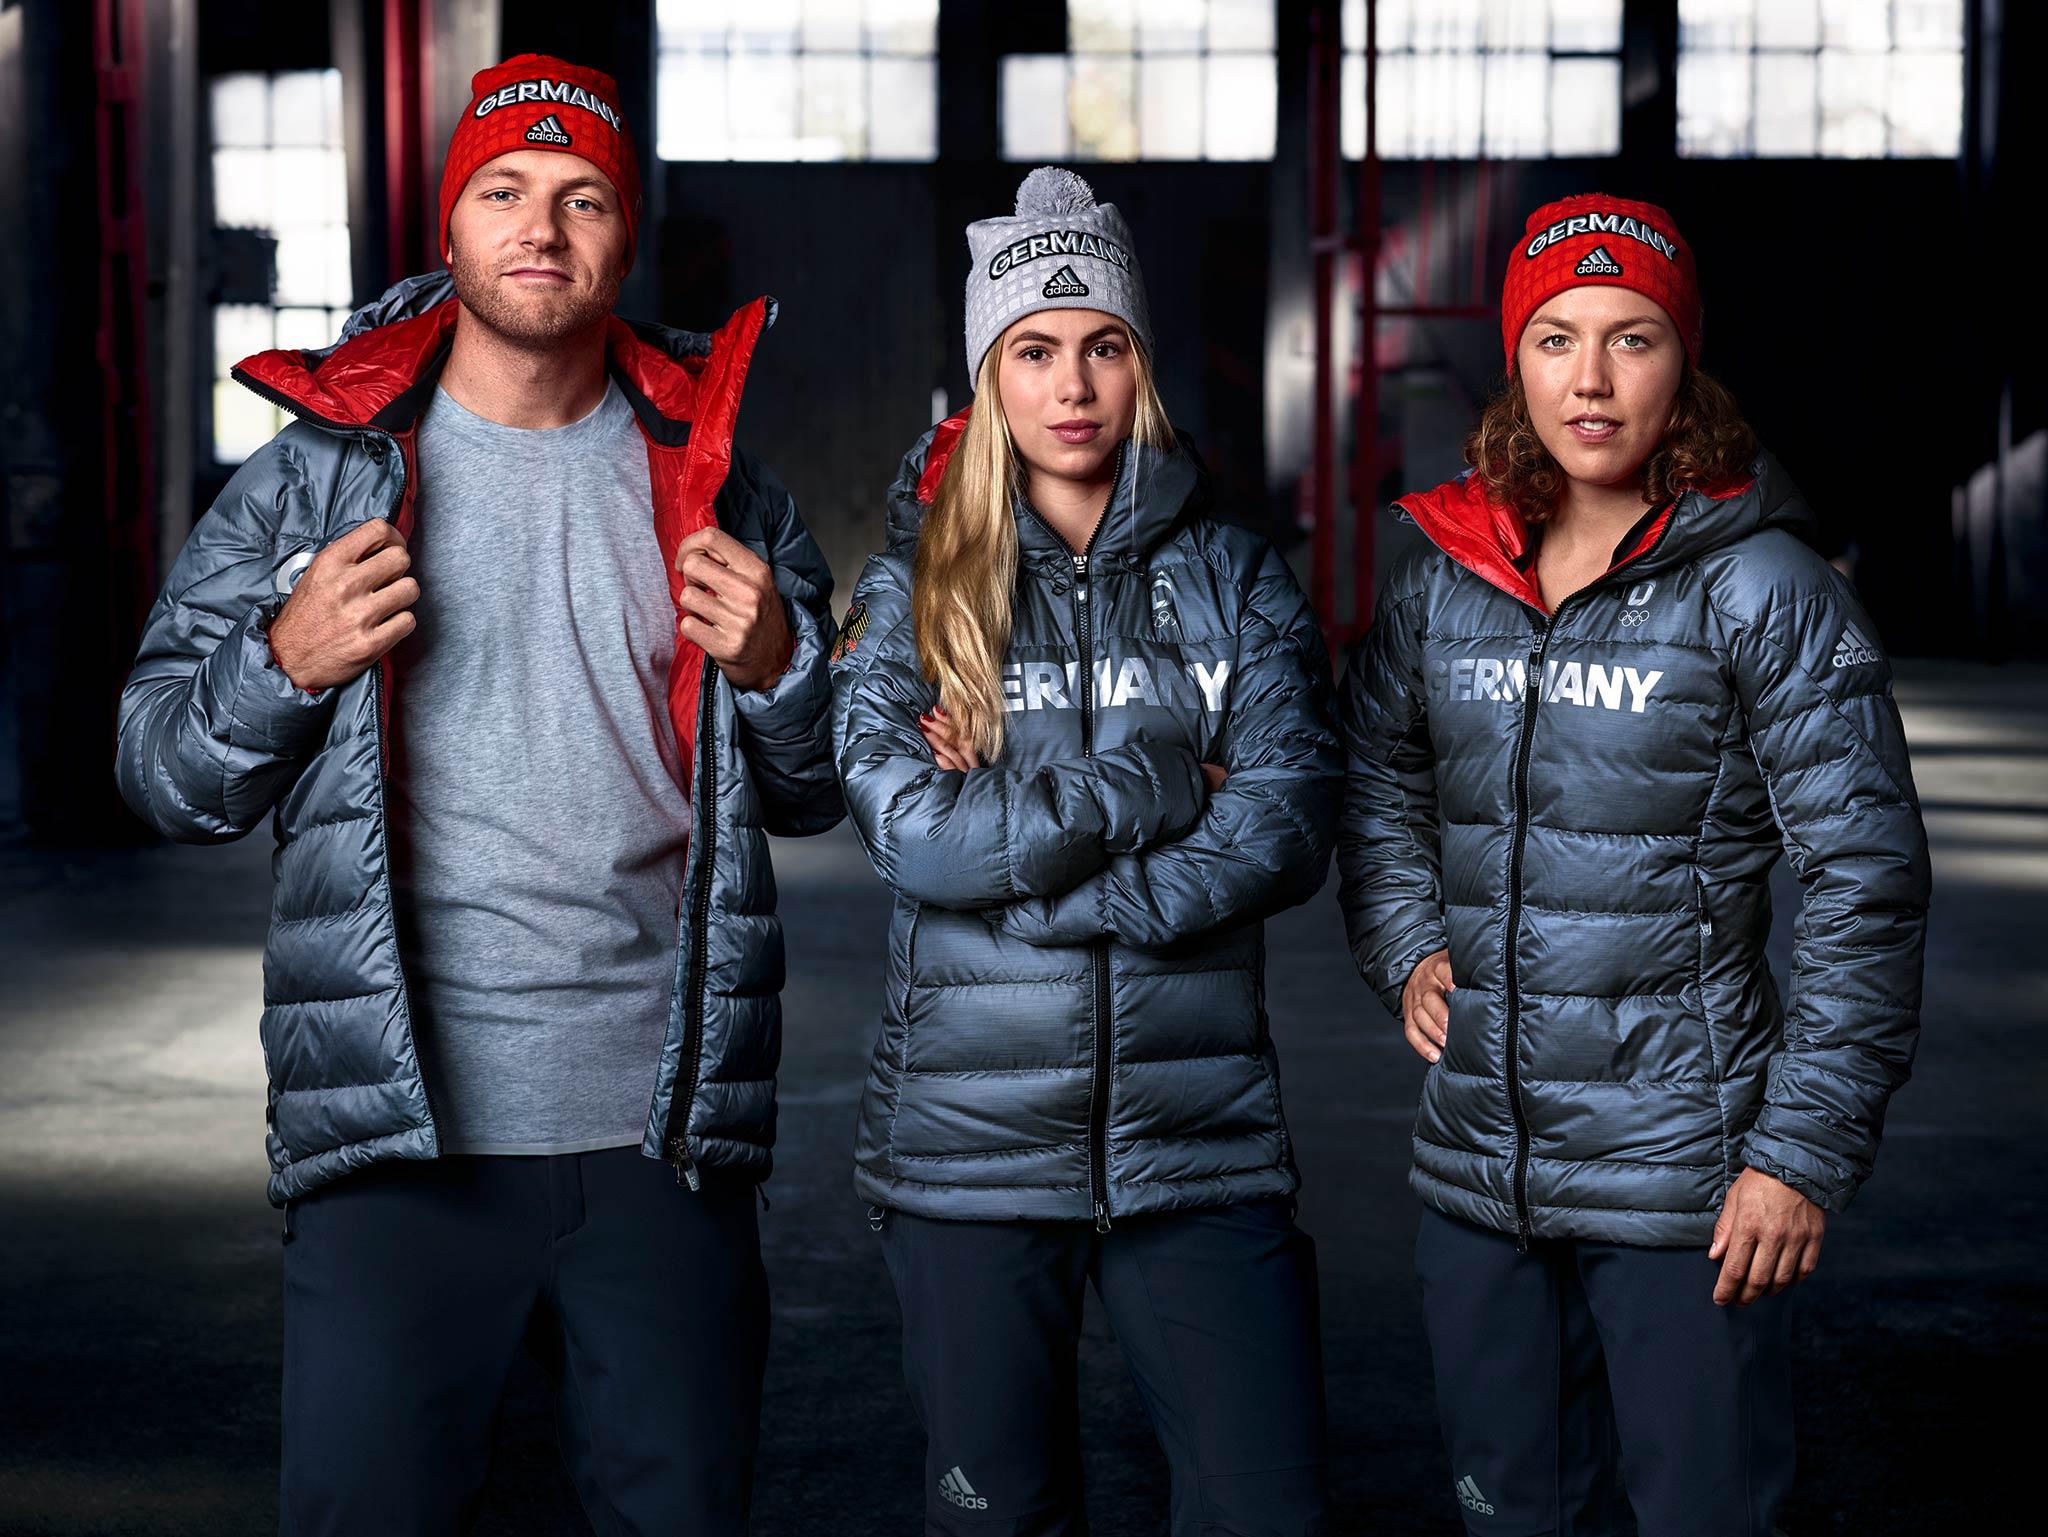 Kleidung deutschland olympia 2018